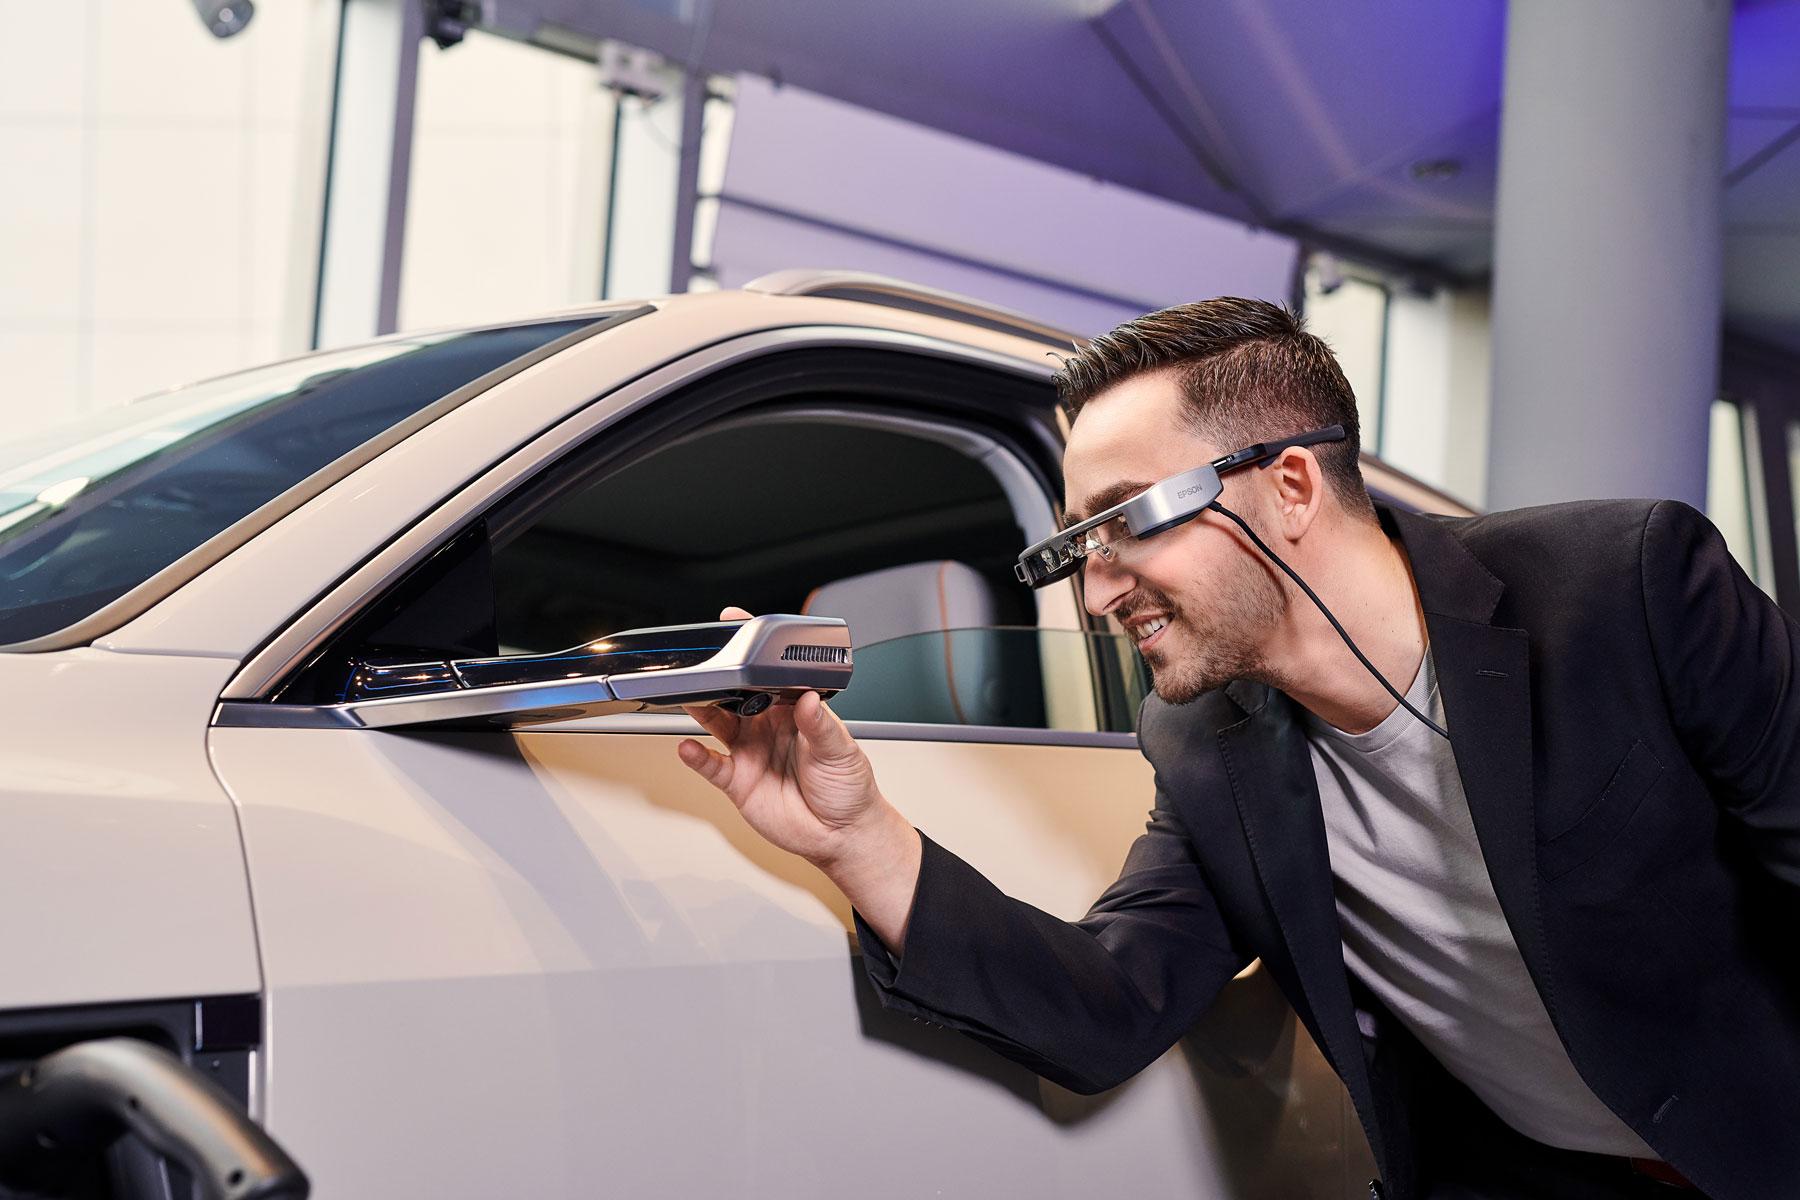 Auge in Auge mit dem Audi e-tron: Dank der Datenbrille des Beraters sieht man daheim alle Details – auch die virtuellen Aussenspiegel. (AUDI)